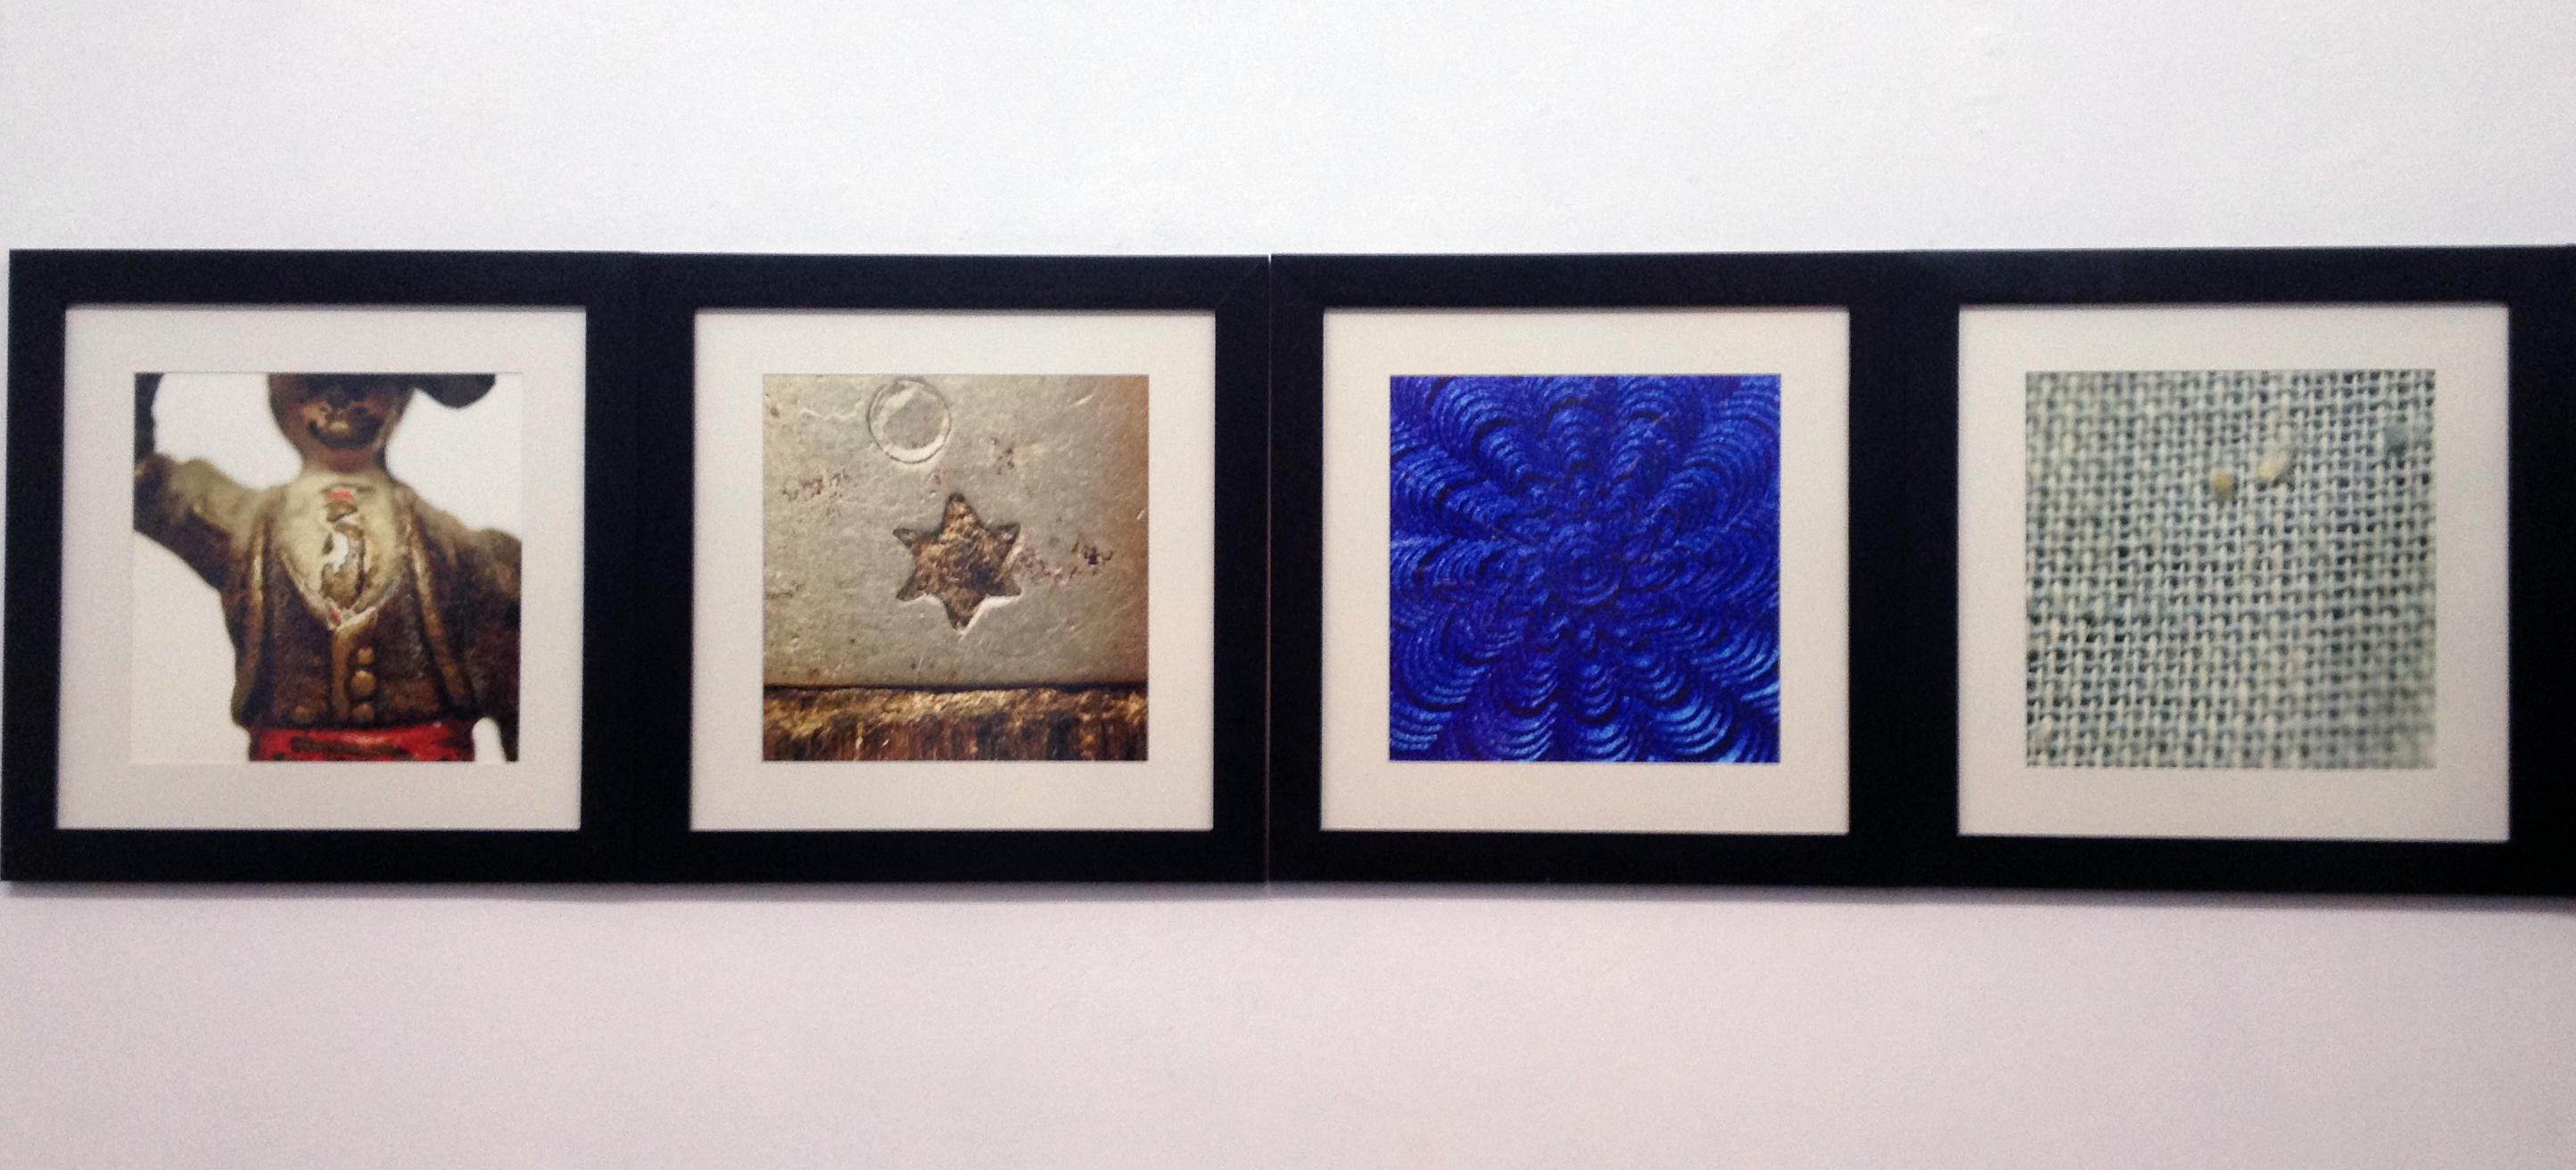 Expozitia Daniel Djamo / items @ Anca Poterasu Gallery